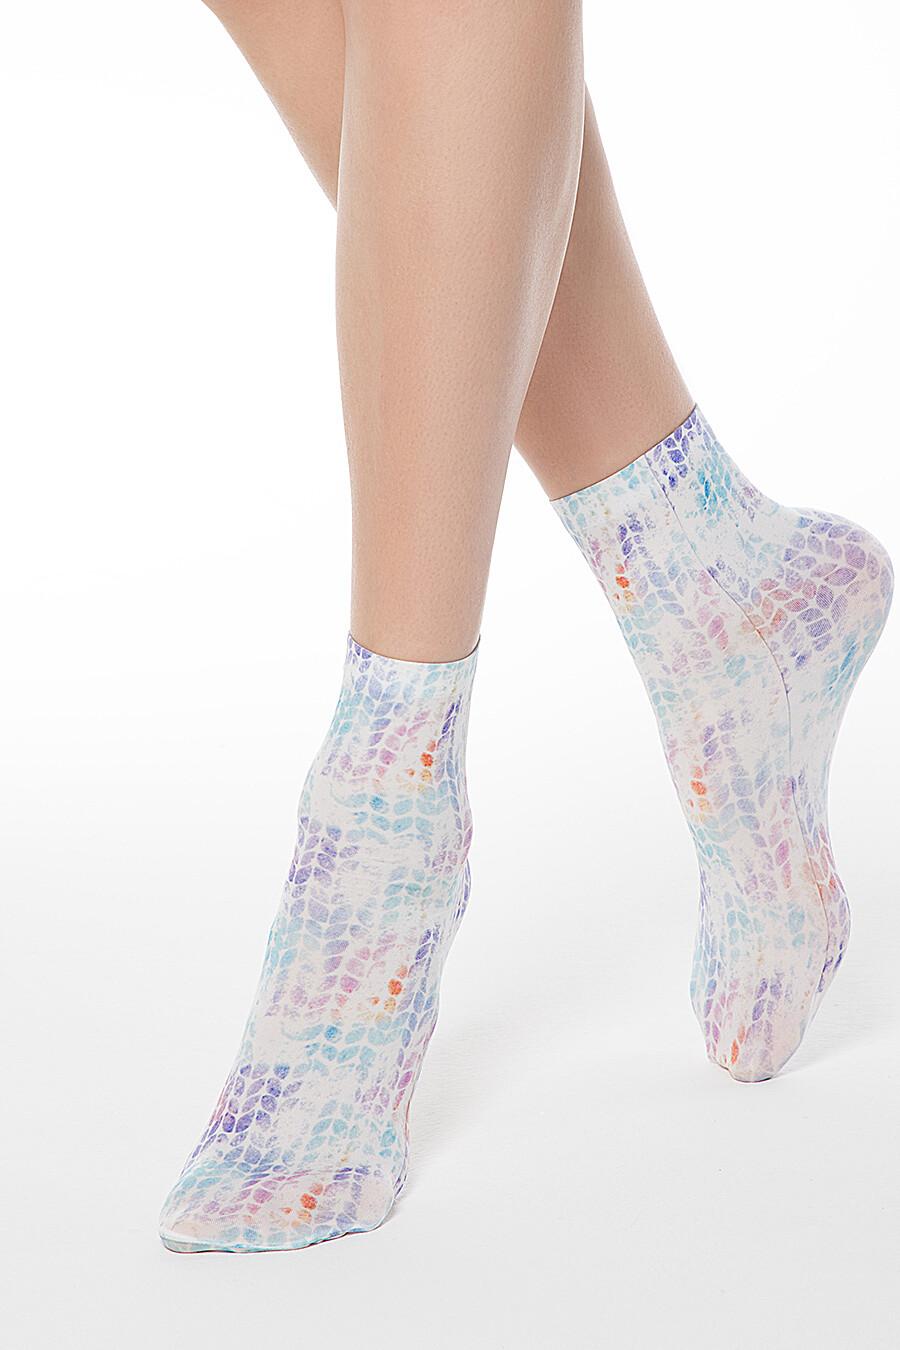 Носки для женщин CONTE ELEGANT 165263 купить оптом от производителя. Совместная покупка женской одежды в OptMoyo